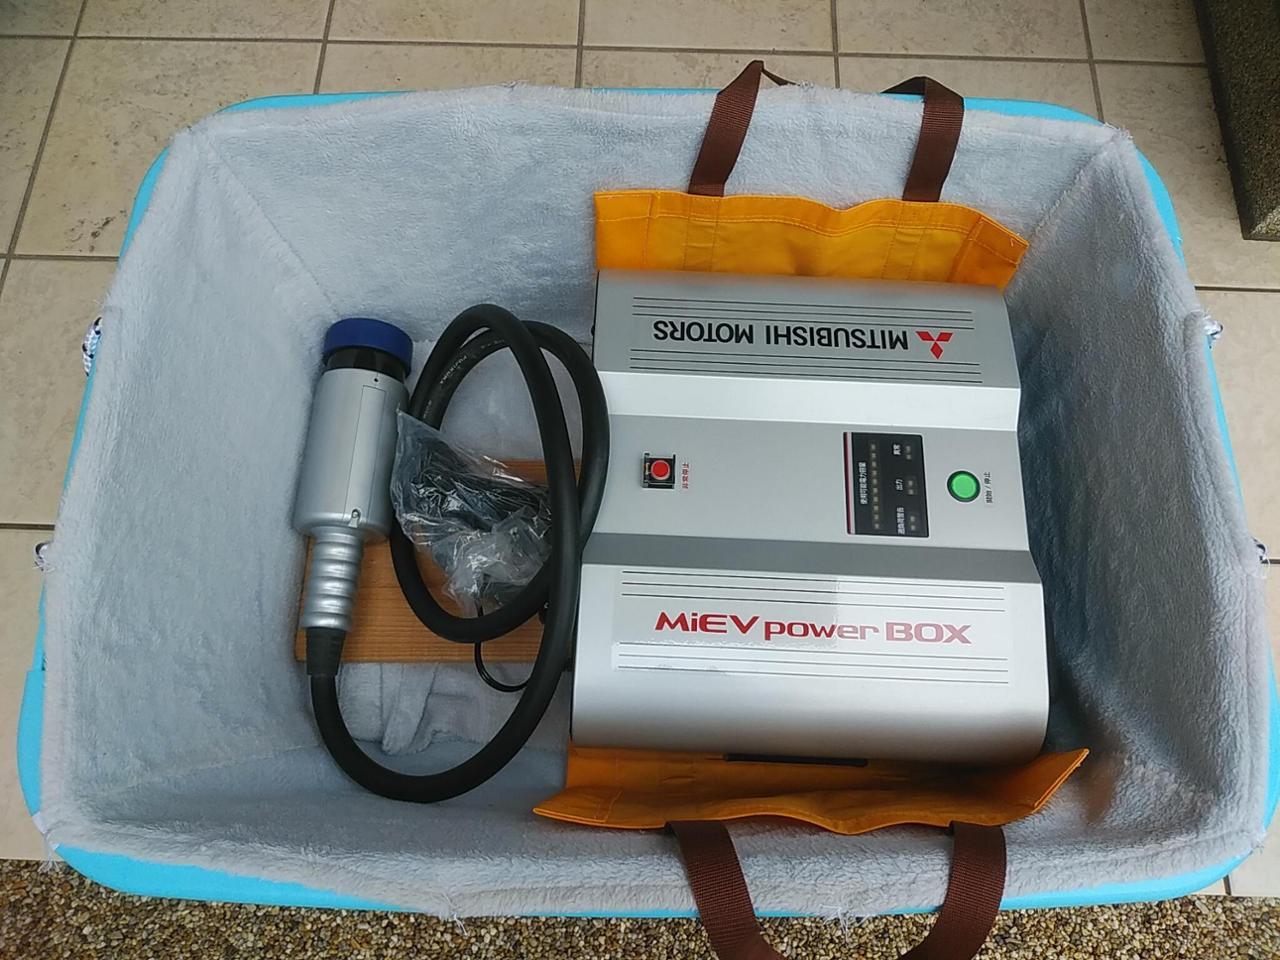 三菱自動車(純正) MiEV power BOX